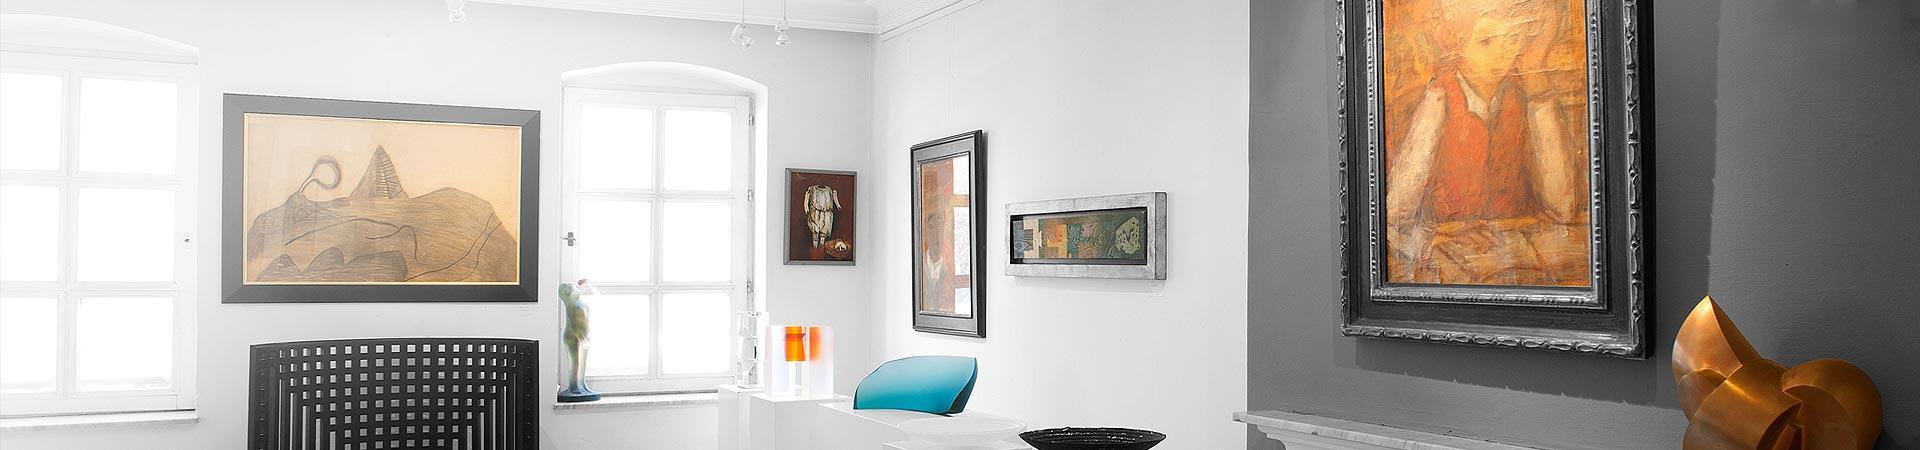 gallery-header-3-1.jpg